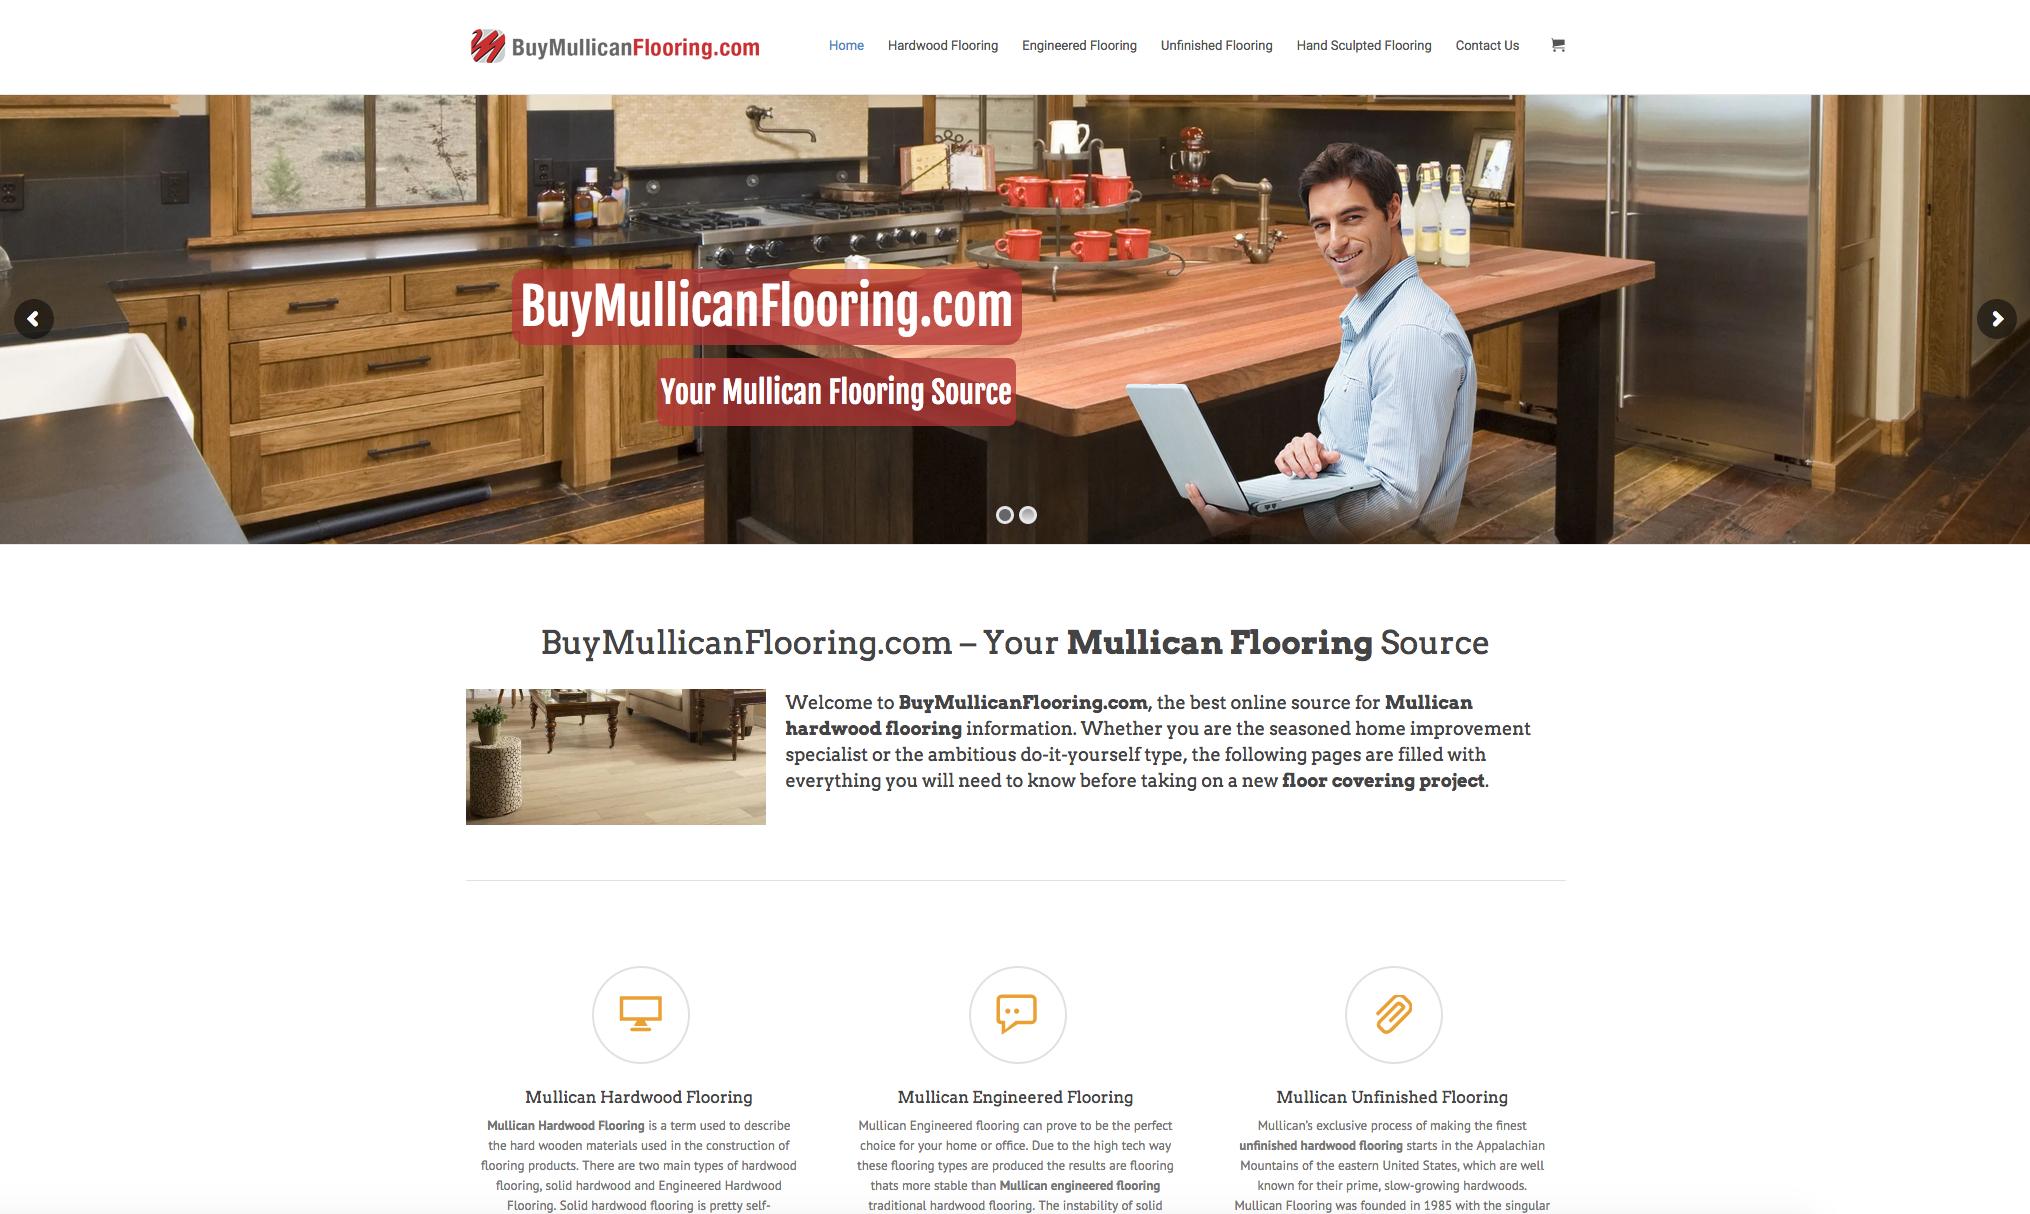 BuyMullicanFlooring.com